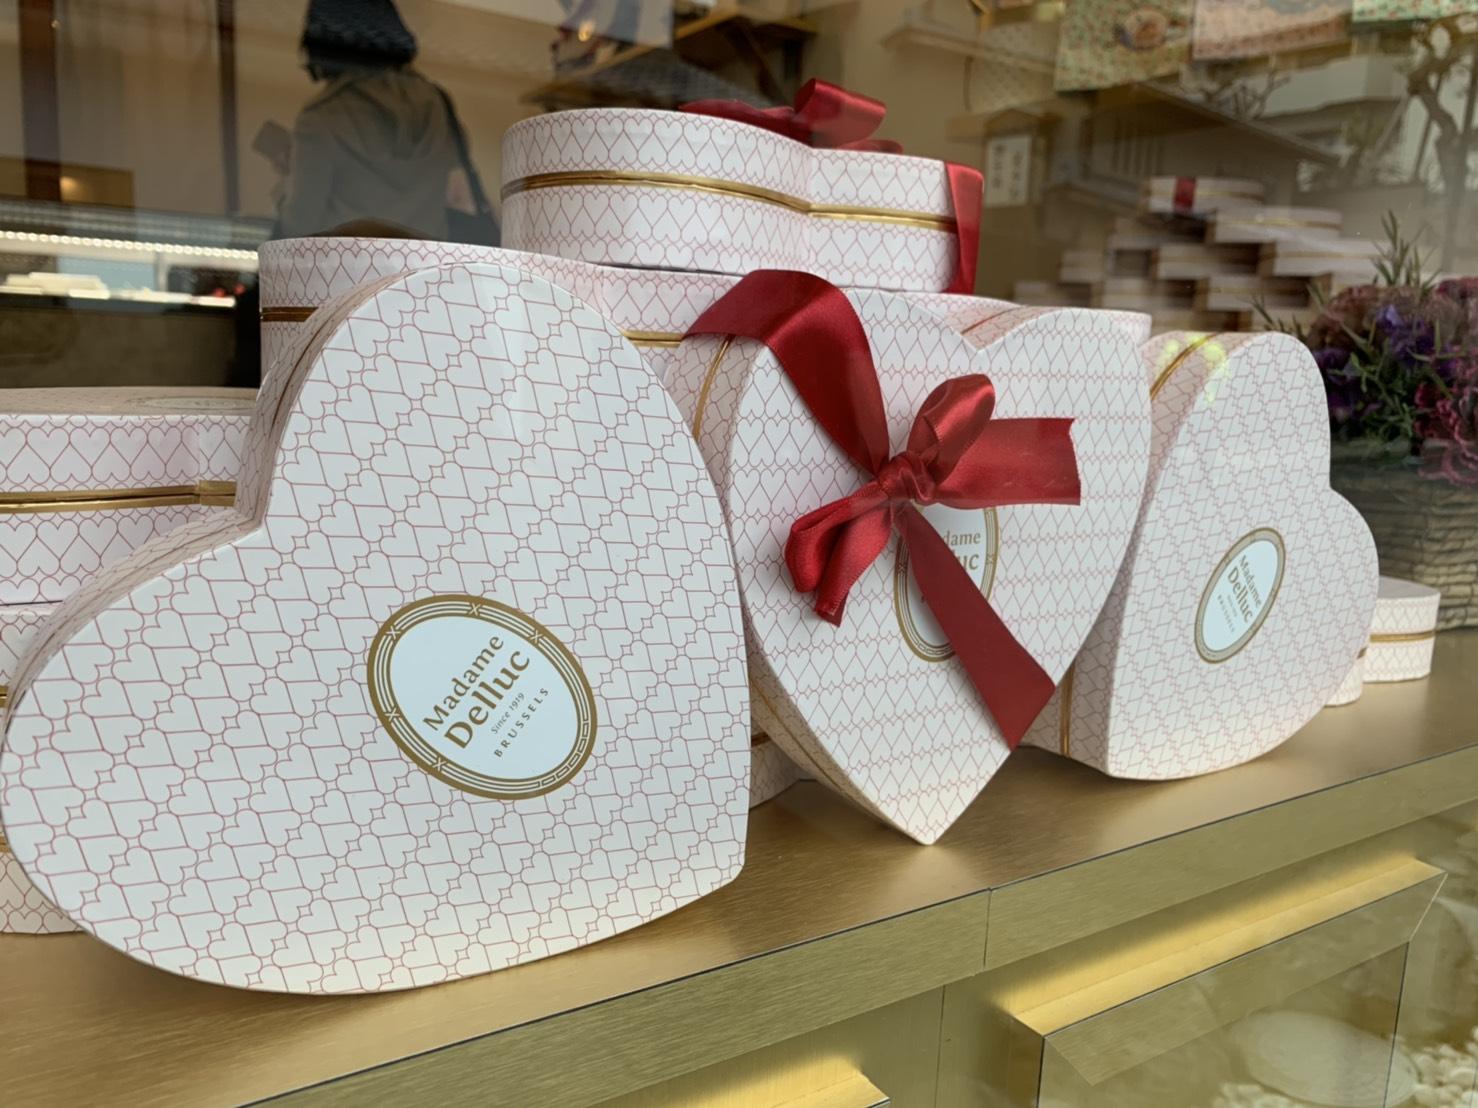 バレンタインにおすすめ♡日本初上陸のインスタ映えチョコレート店「Madame Delluc」がオープン_6